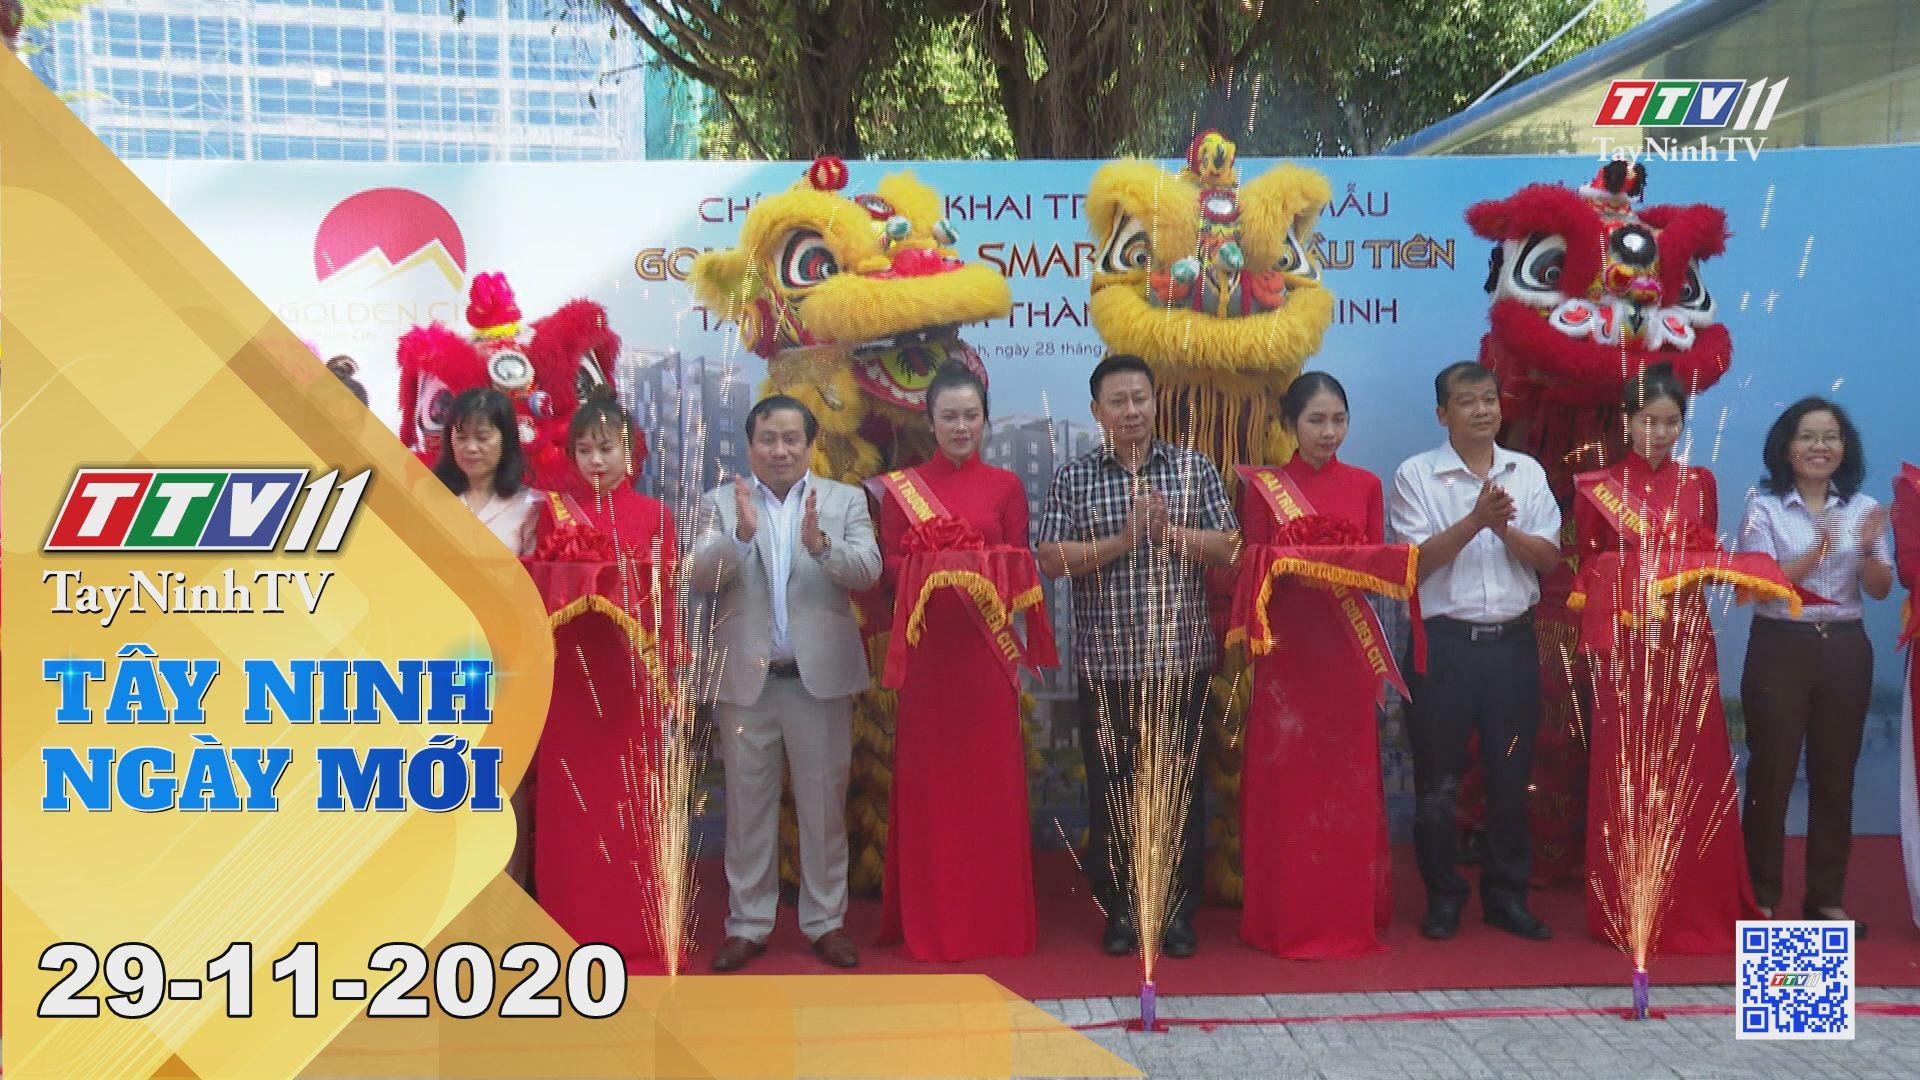 Tây Ninh Ngày Mới 29-11-2020 | Tin tức hôm nay | TayNinhTV